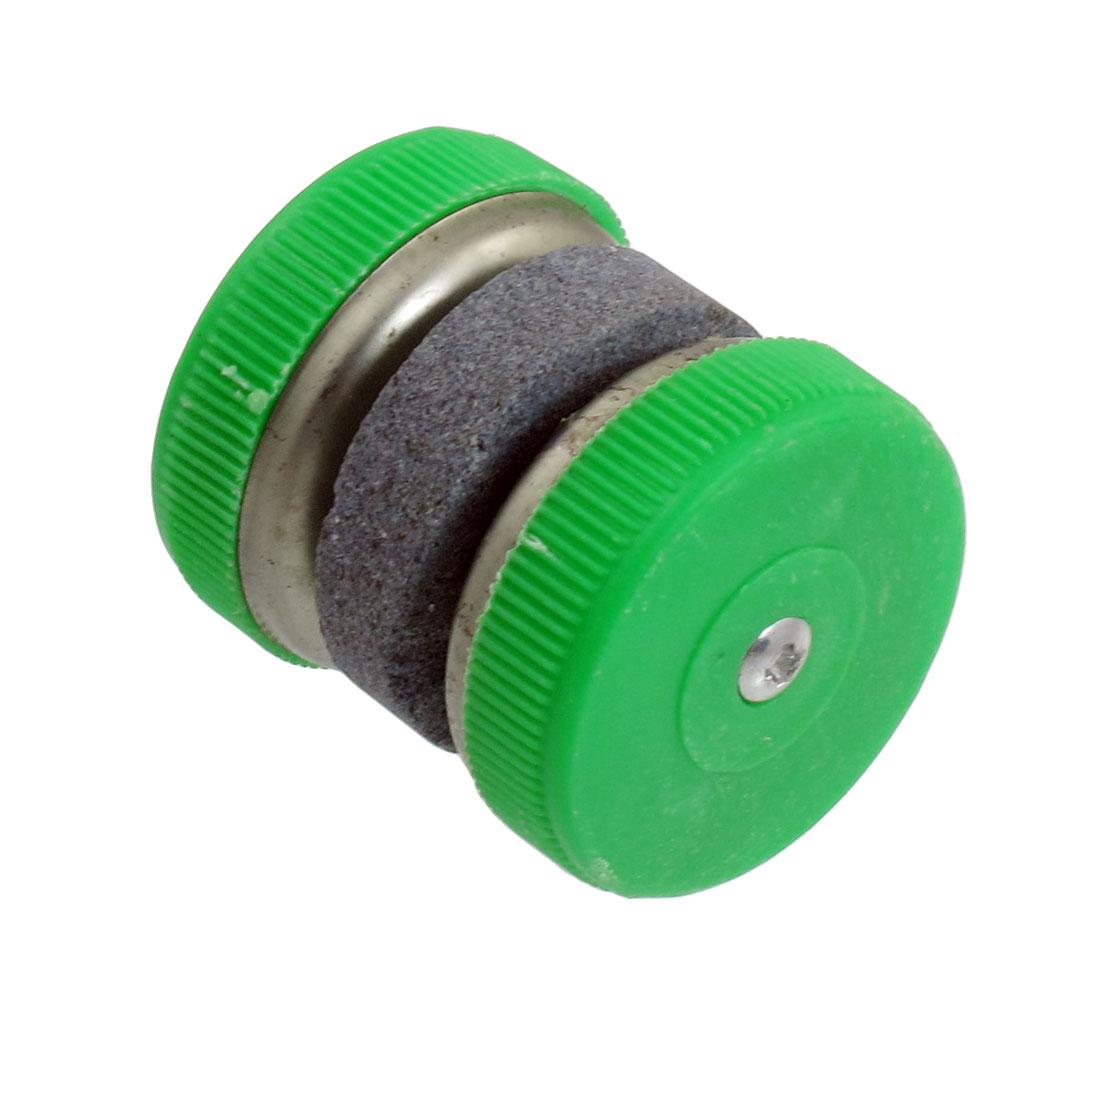 Green Cover Cutter Scissors Grinding Wheel Abrader Sharpener Tool